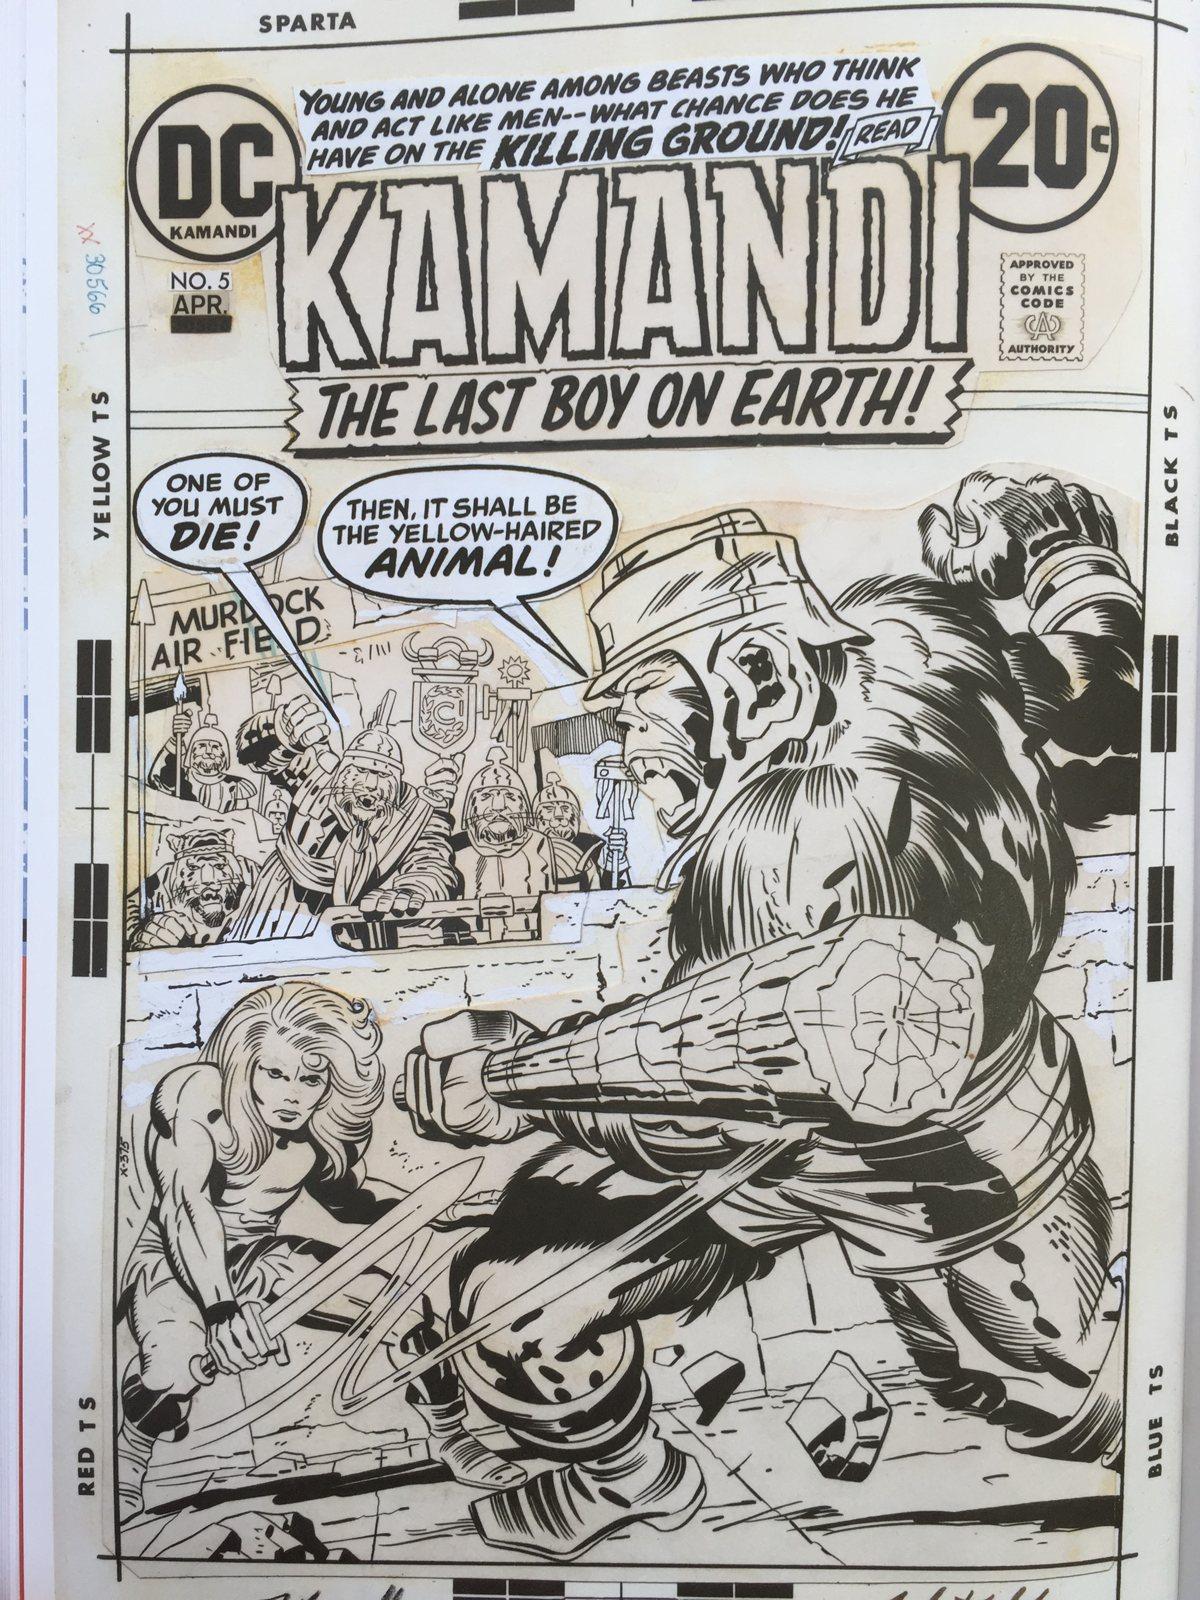 Jack Kirby Kamandi Artist Edition review